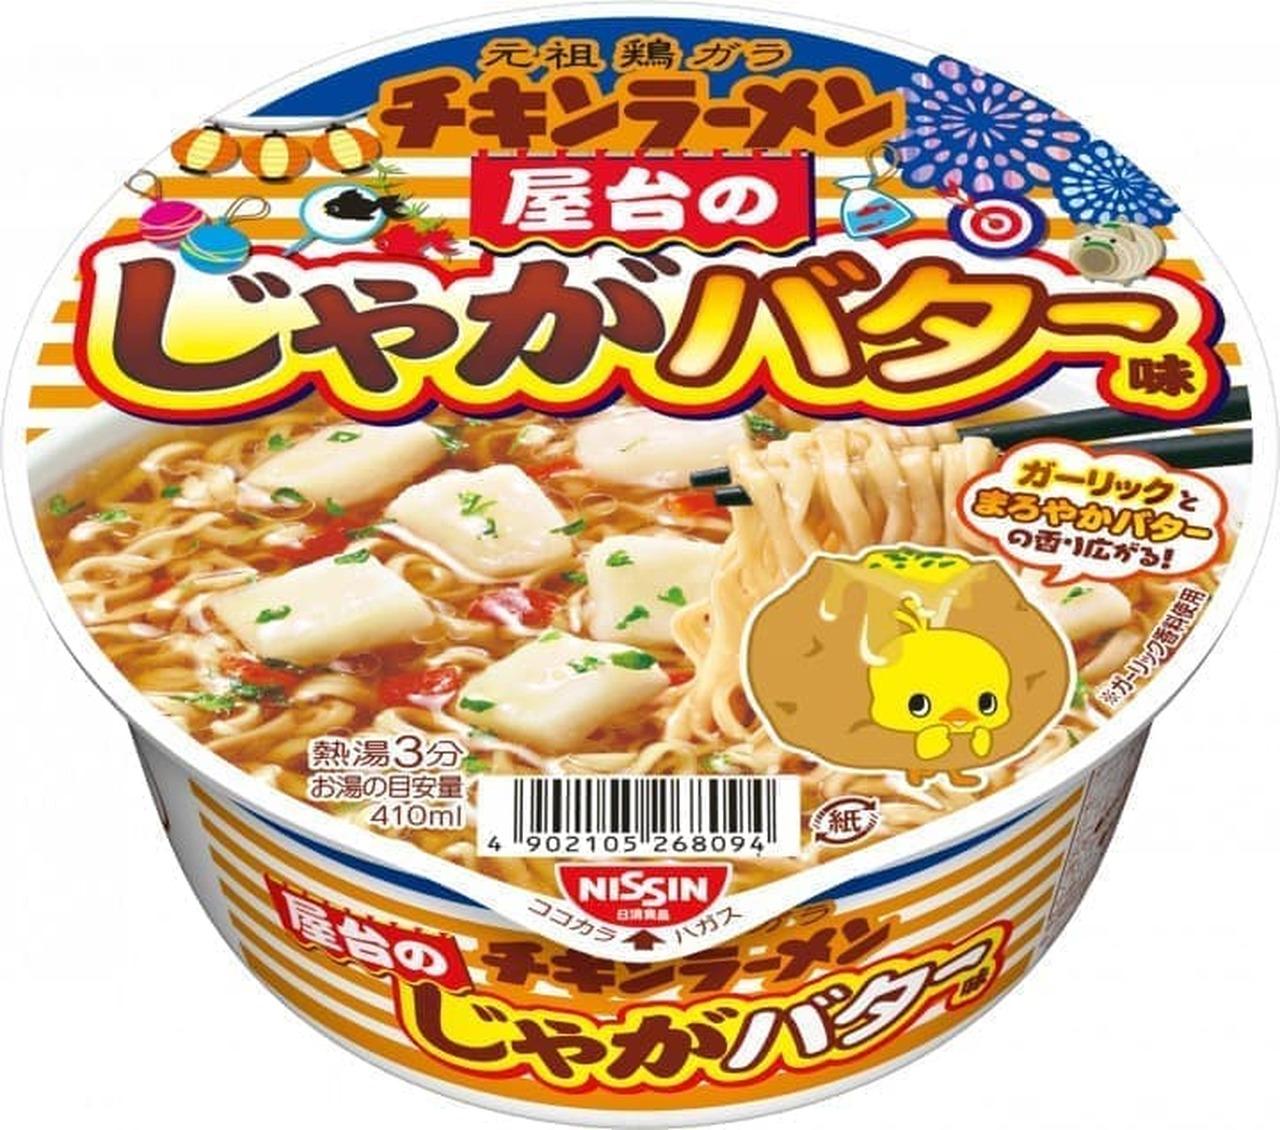 日清食品「チキンラーメンどんぶり 屋台のじゃがバター味」